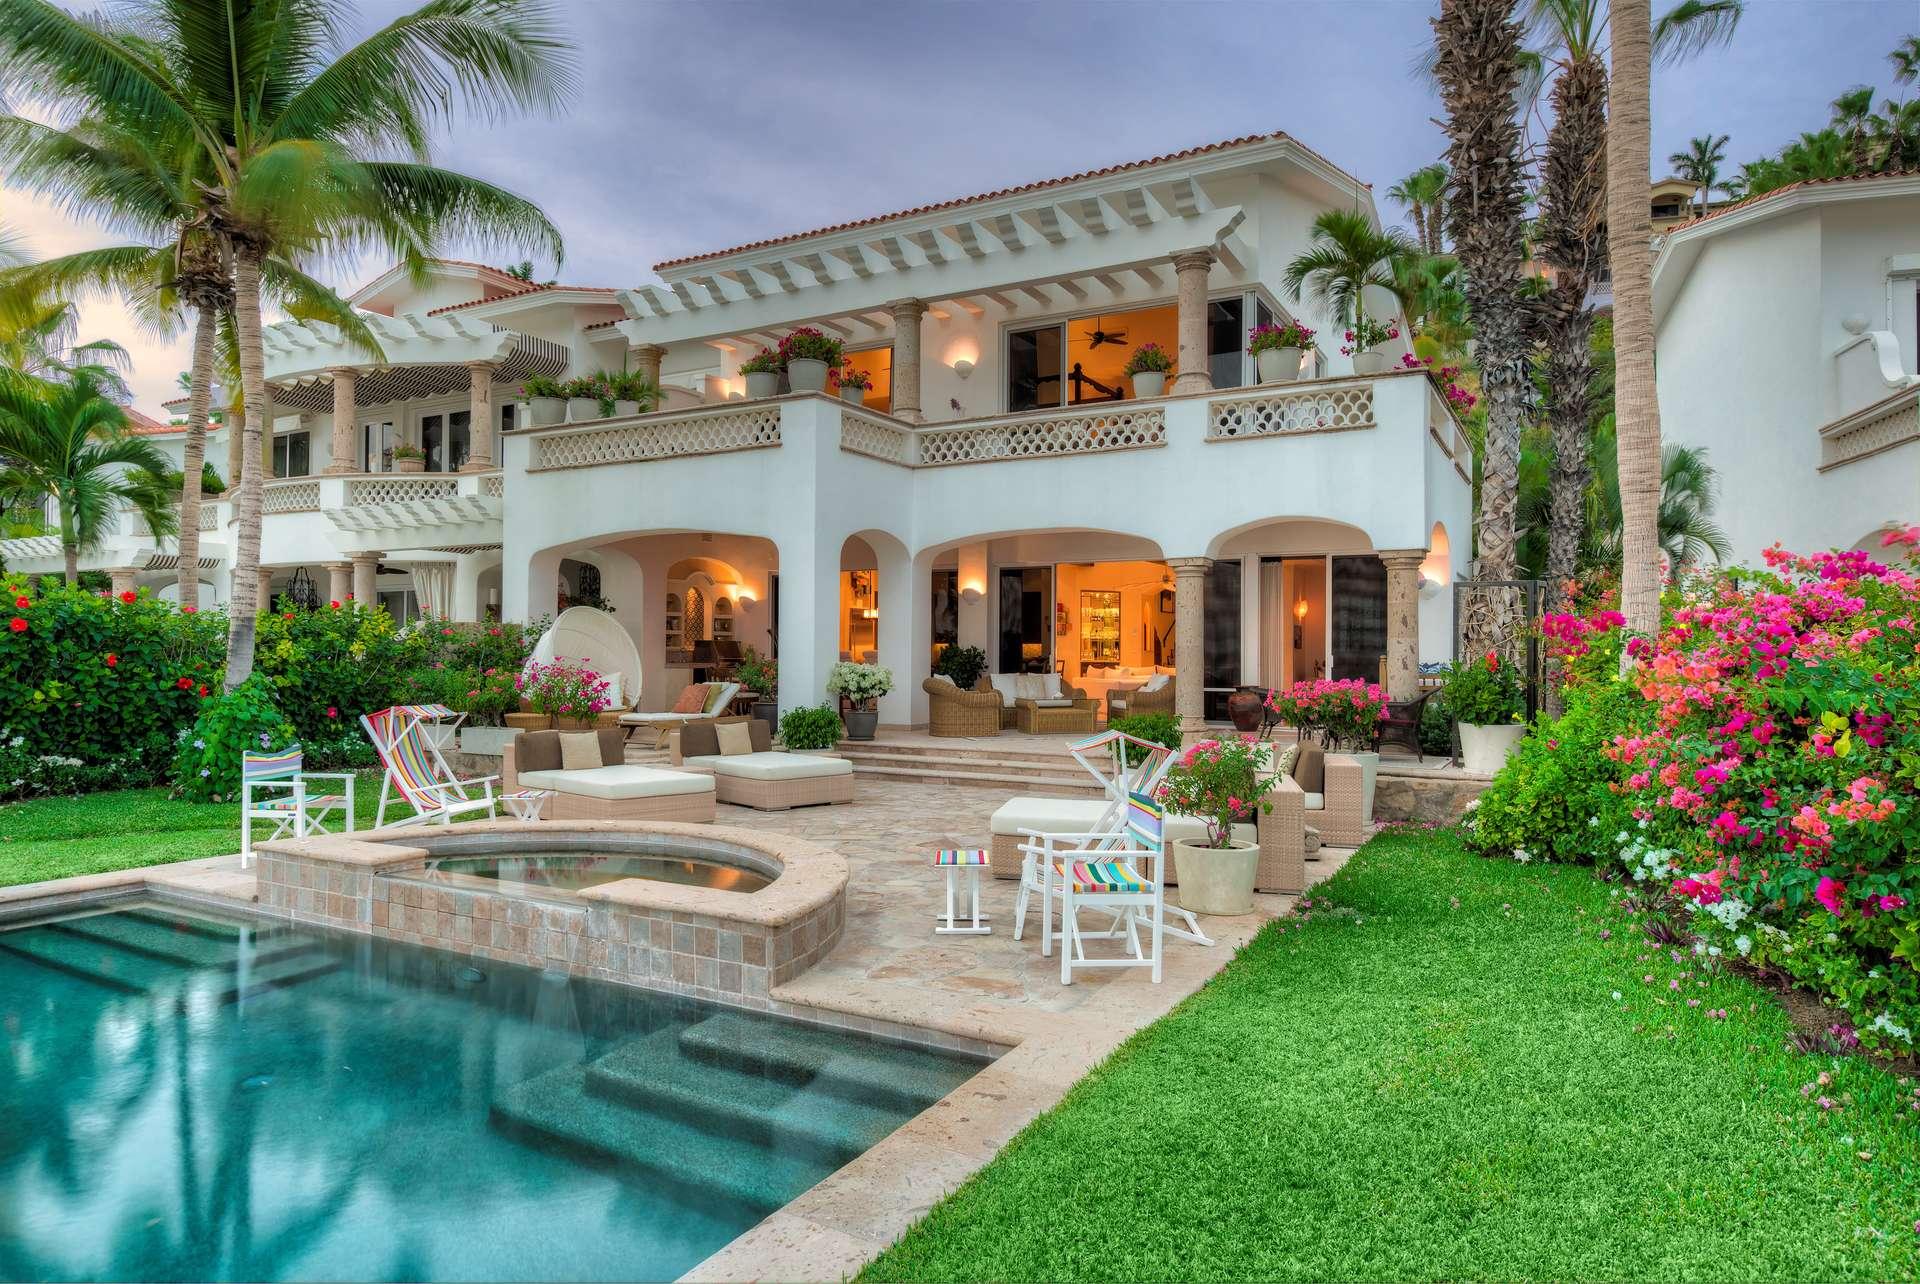 - Villa 471 - Image 1/25